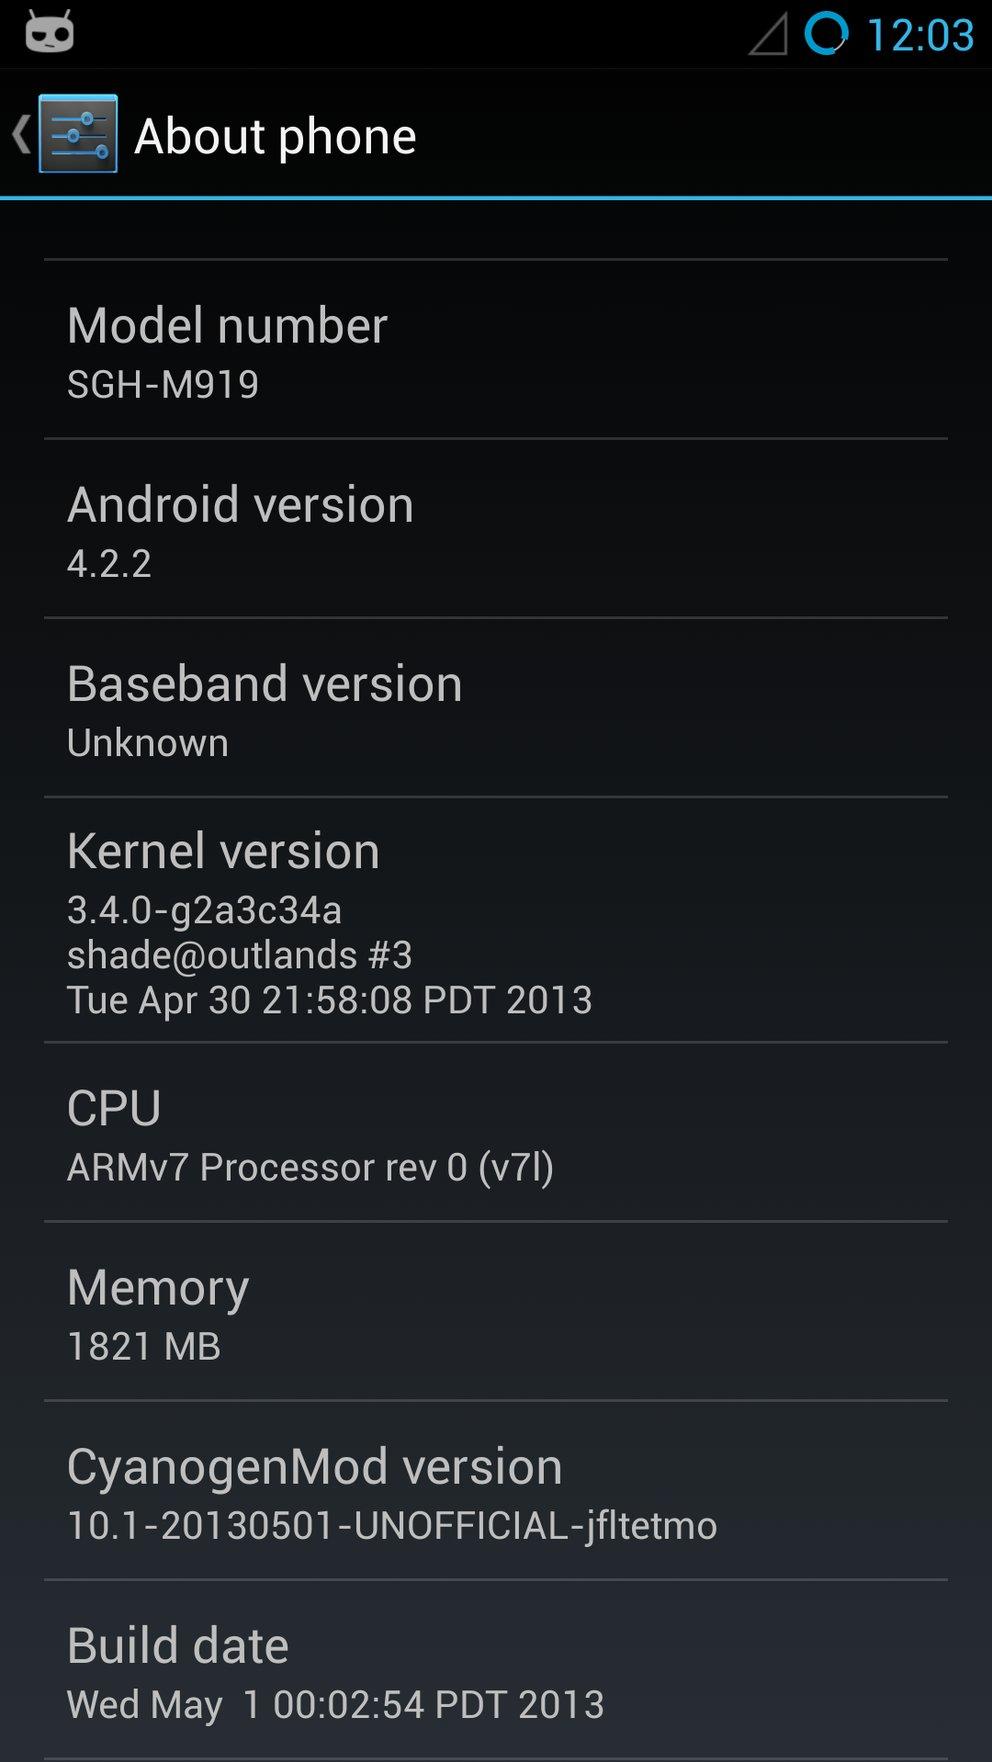 CM 10.1 Samsung Galaxy S4